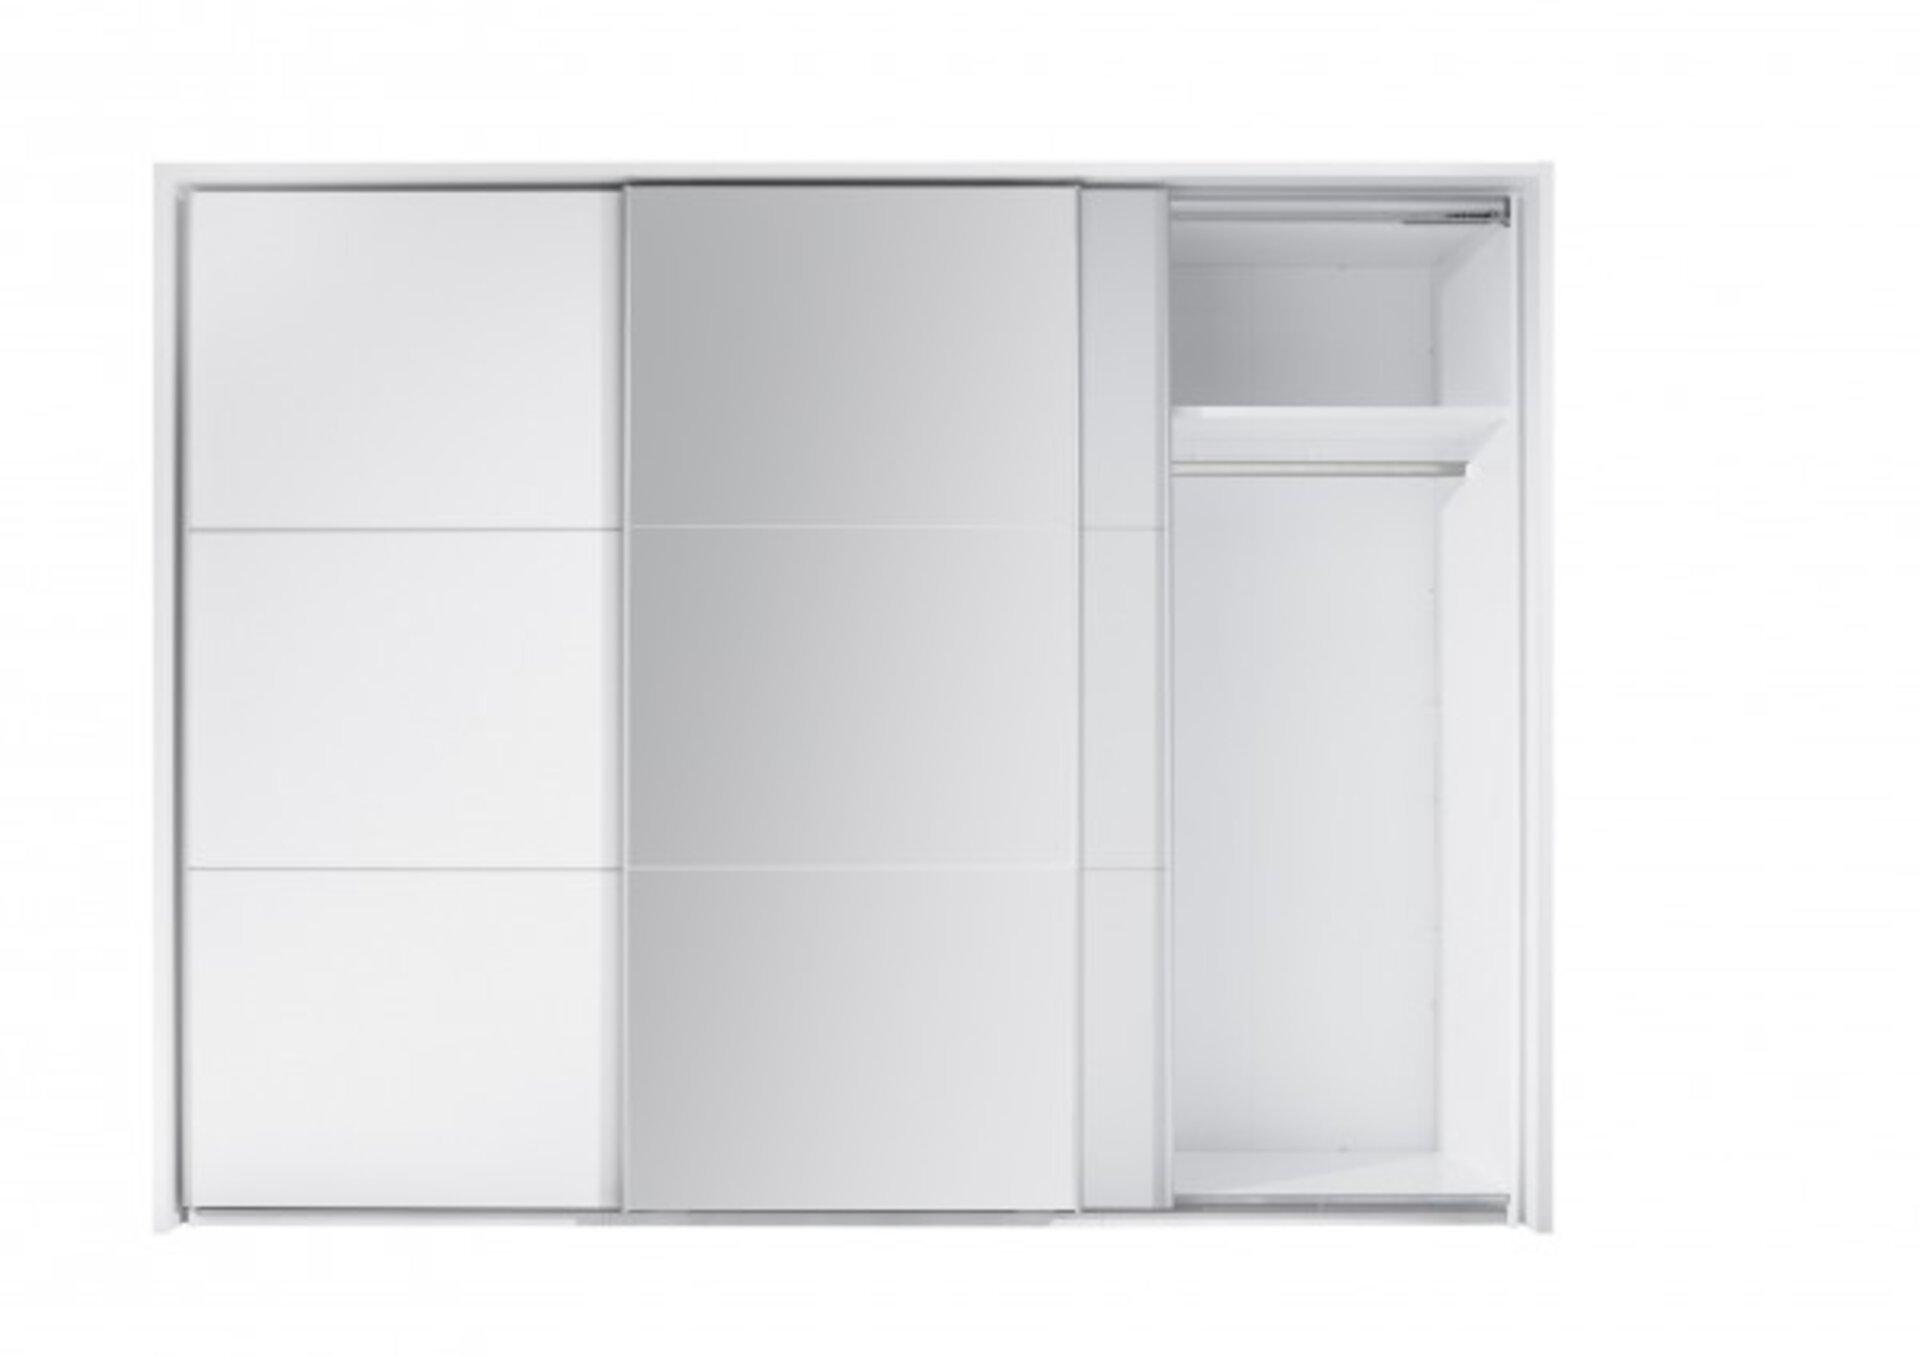 Schwebetürenschrank BRAVO Dreamoro Holzwerkstoff 60 x 210 x 270 cm